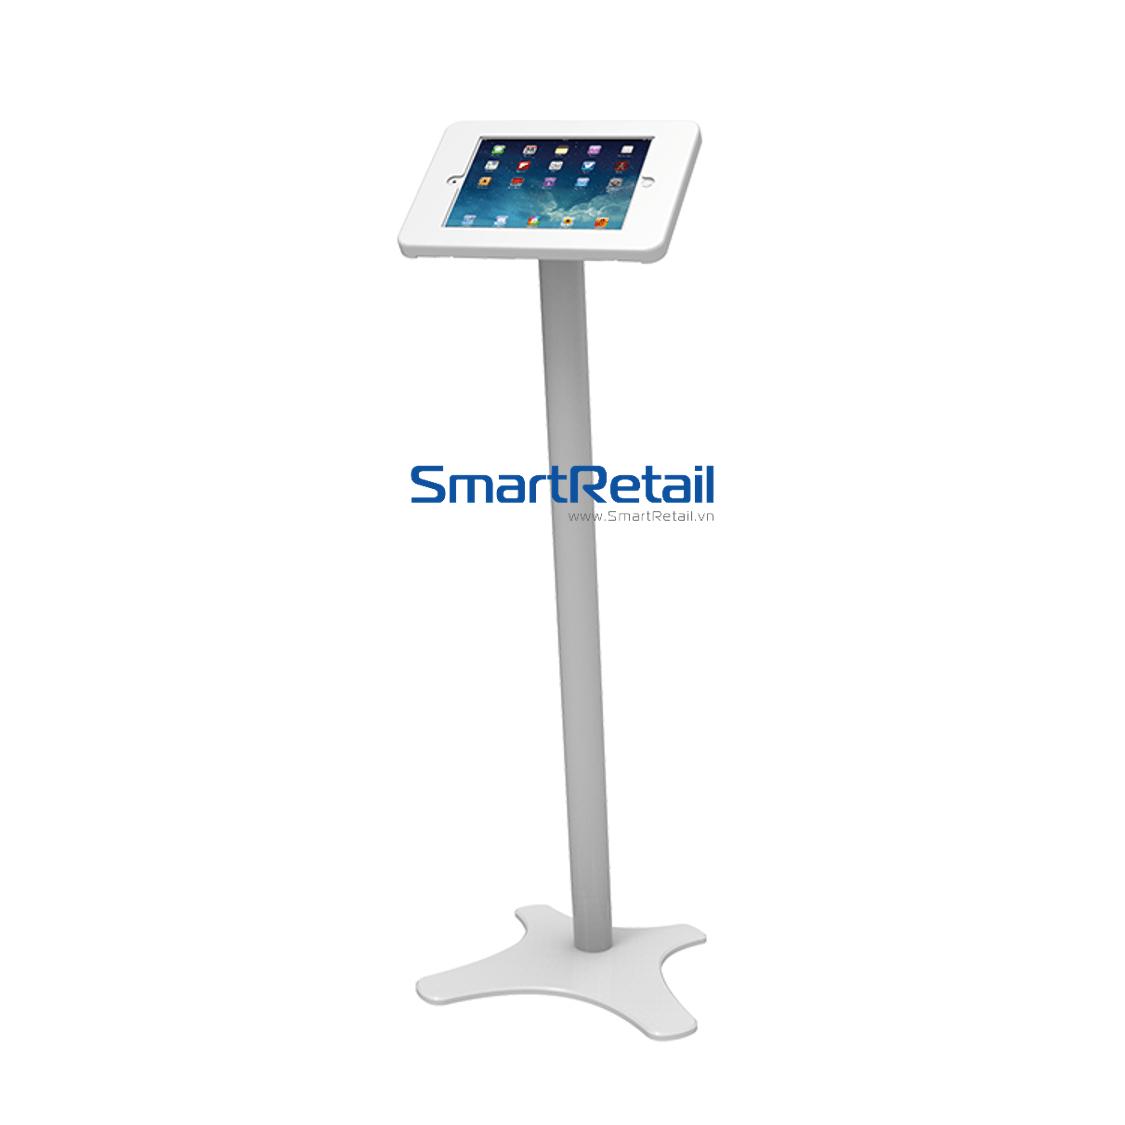 Giá đỡ máy tính bảng chân đứng SF-301 - SmartRetail - 0935888489